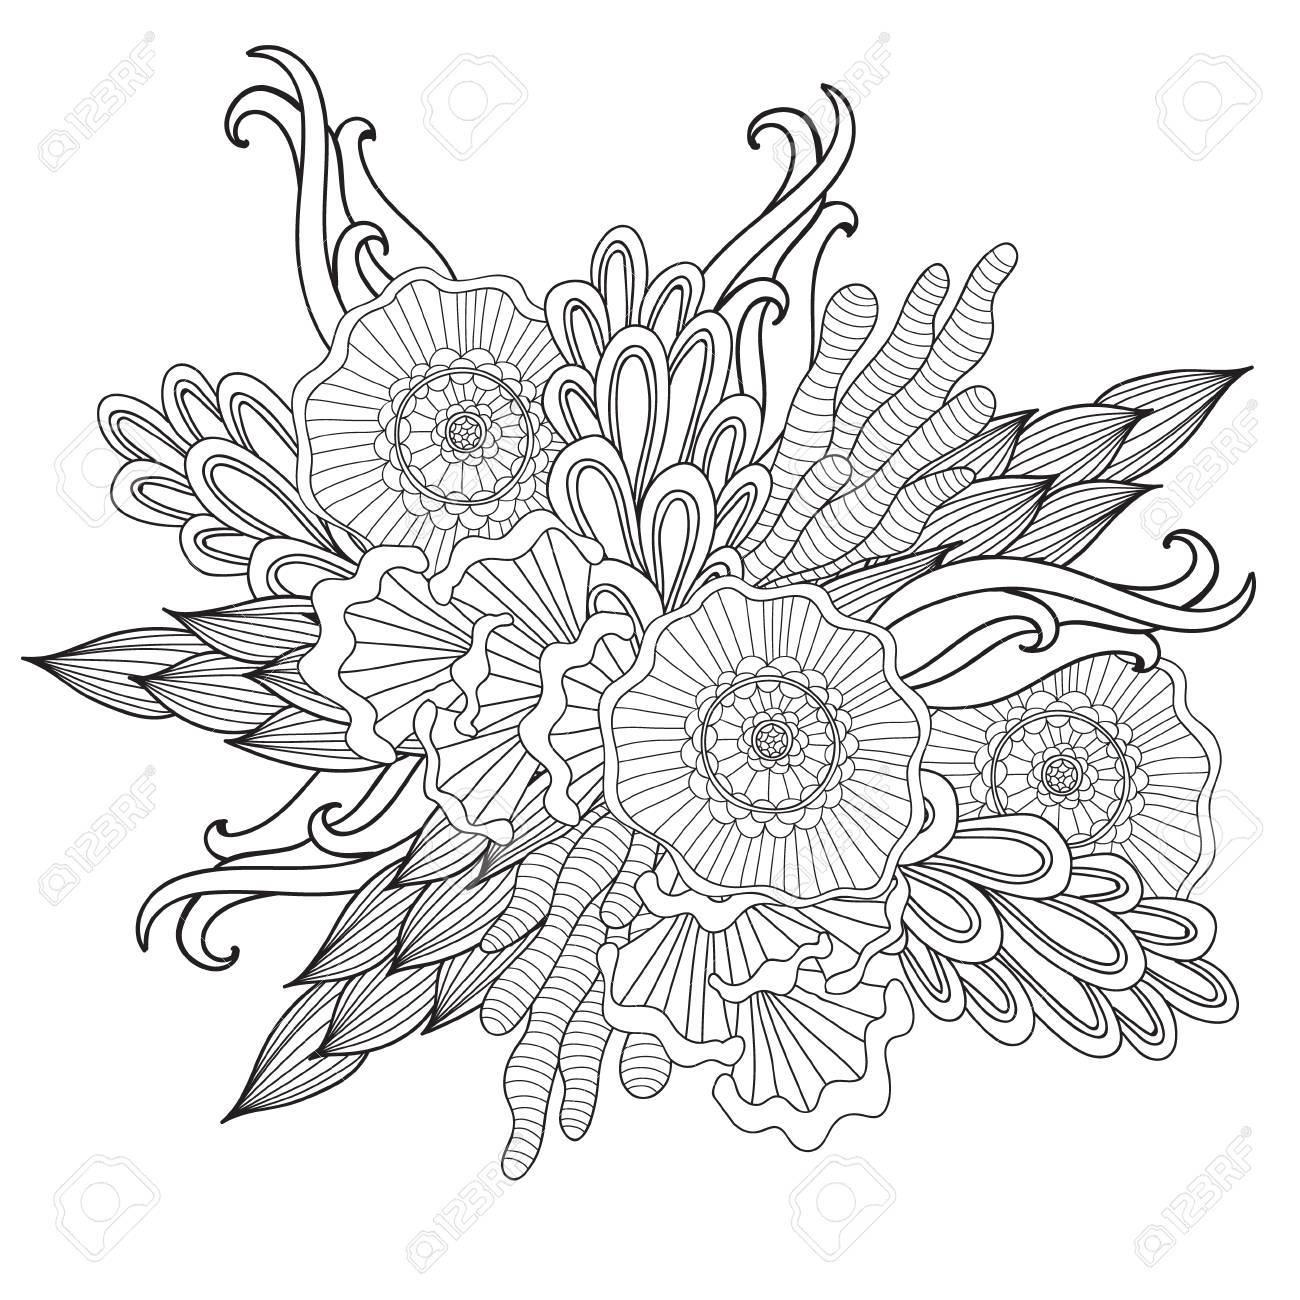 Dibujado A Mano étnica Ornamentales Artística Modelada Marco Floral ...